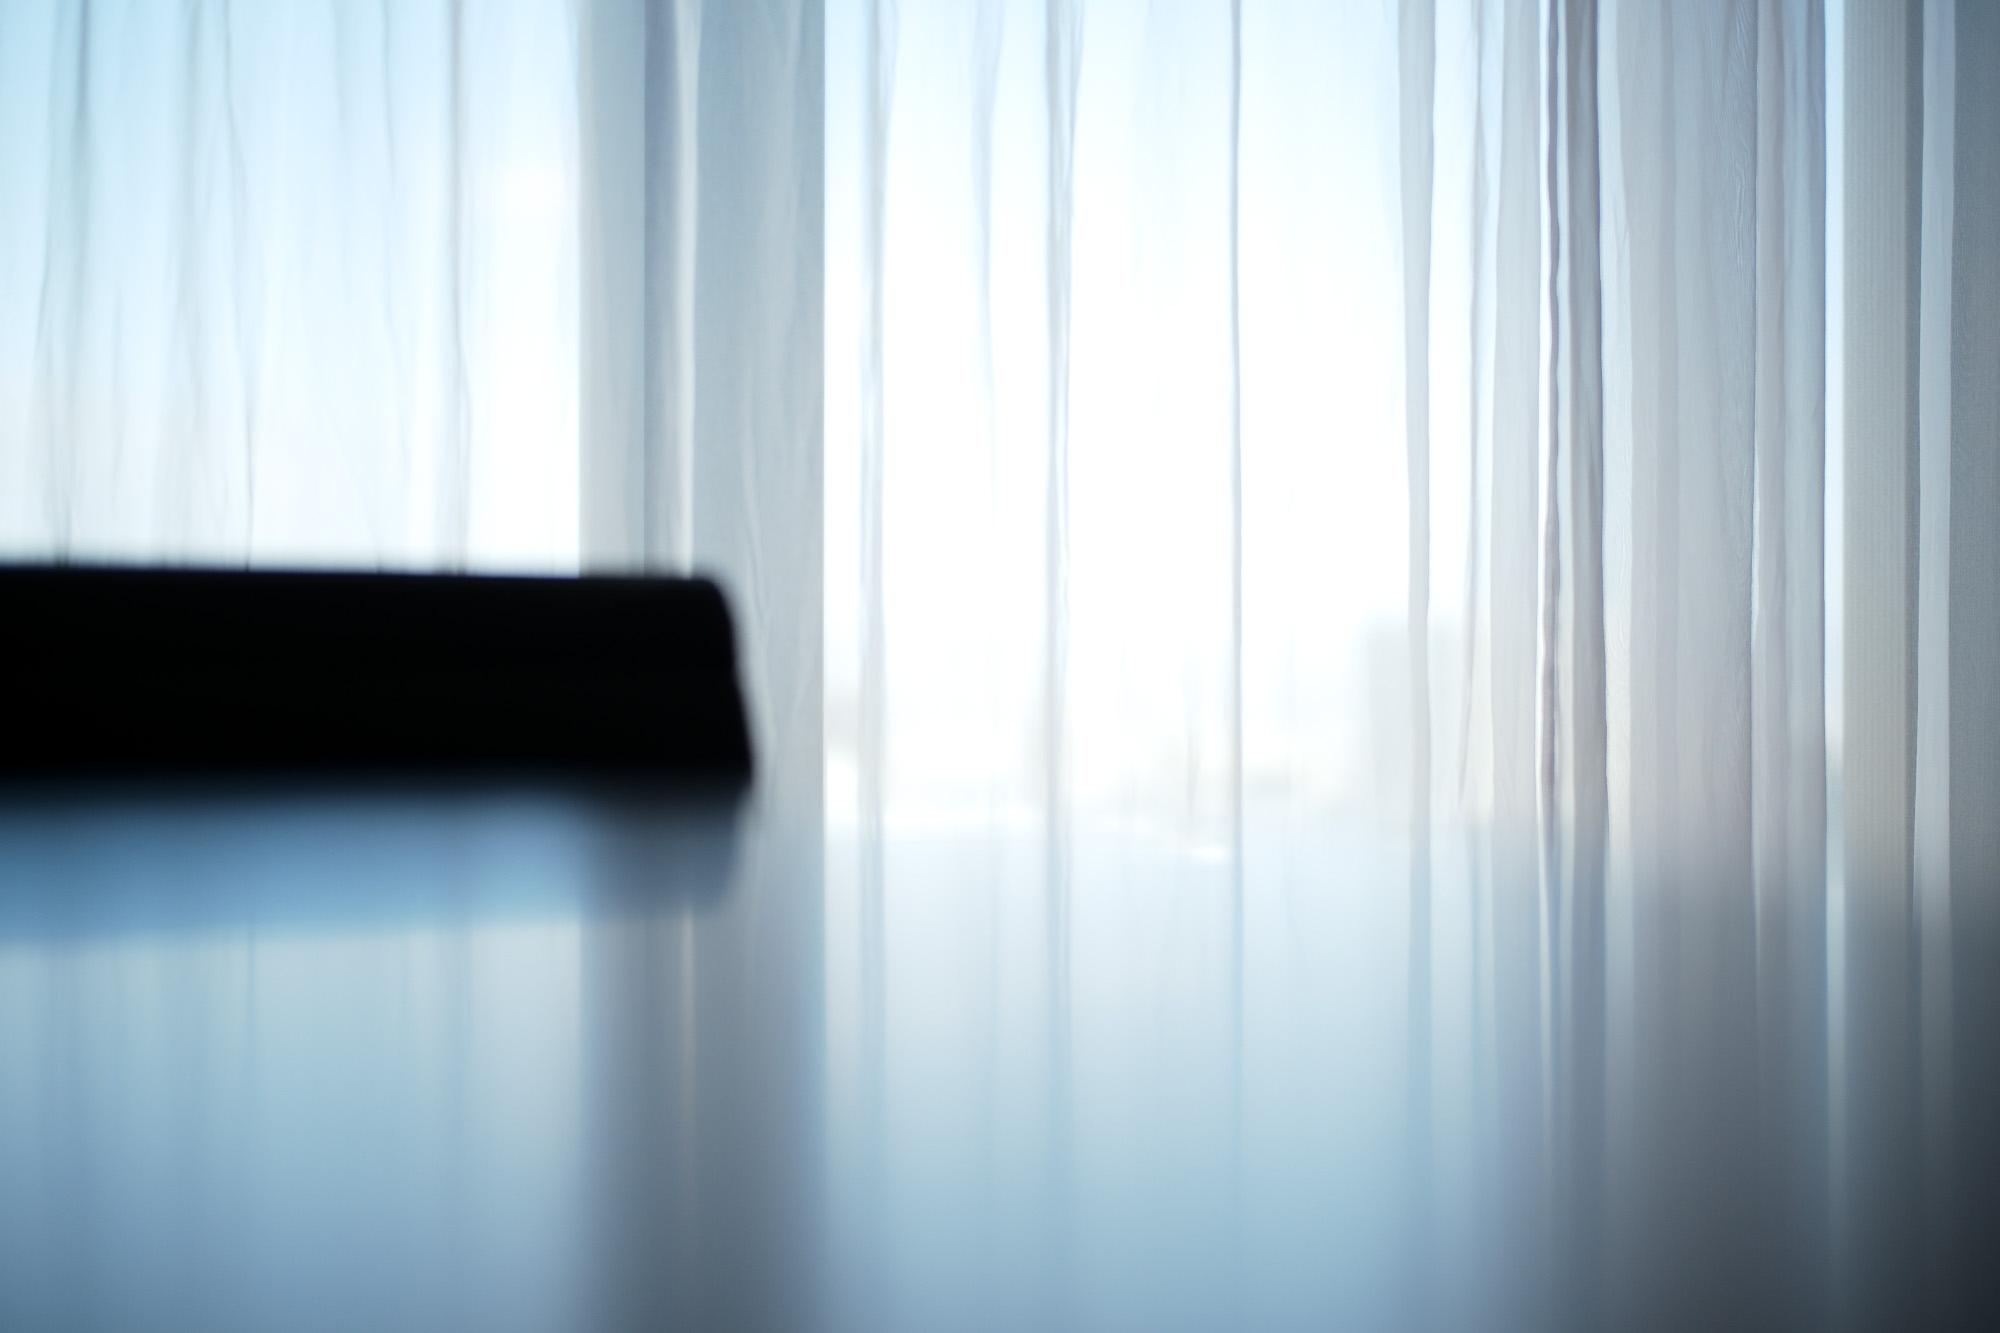 CONRAD OSAKA // 2019.9.18-9.19 コンラッド大阪 コンラッド ヒルトン 中之島フェスティバルタワーウエスト スカイライン 夜景 コンラッドスパ フィットネス alto e diritto アルトエデリット ライカ ライカM10 leicam10 sumillux ズミルックス 50mm